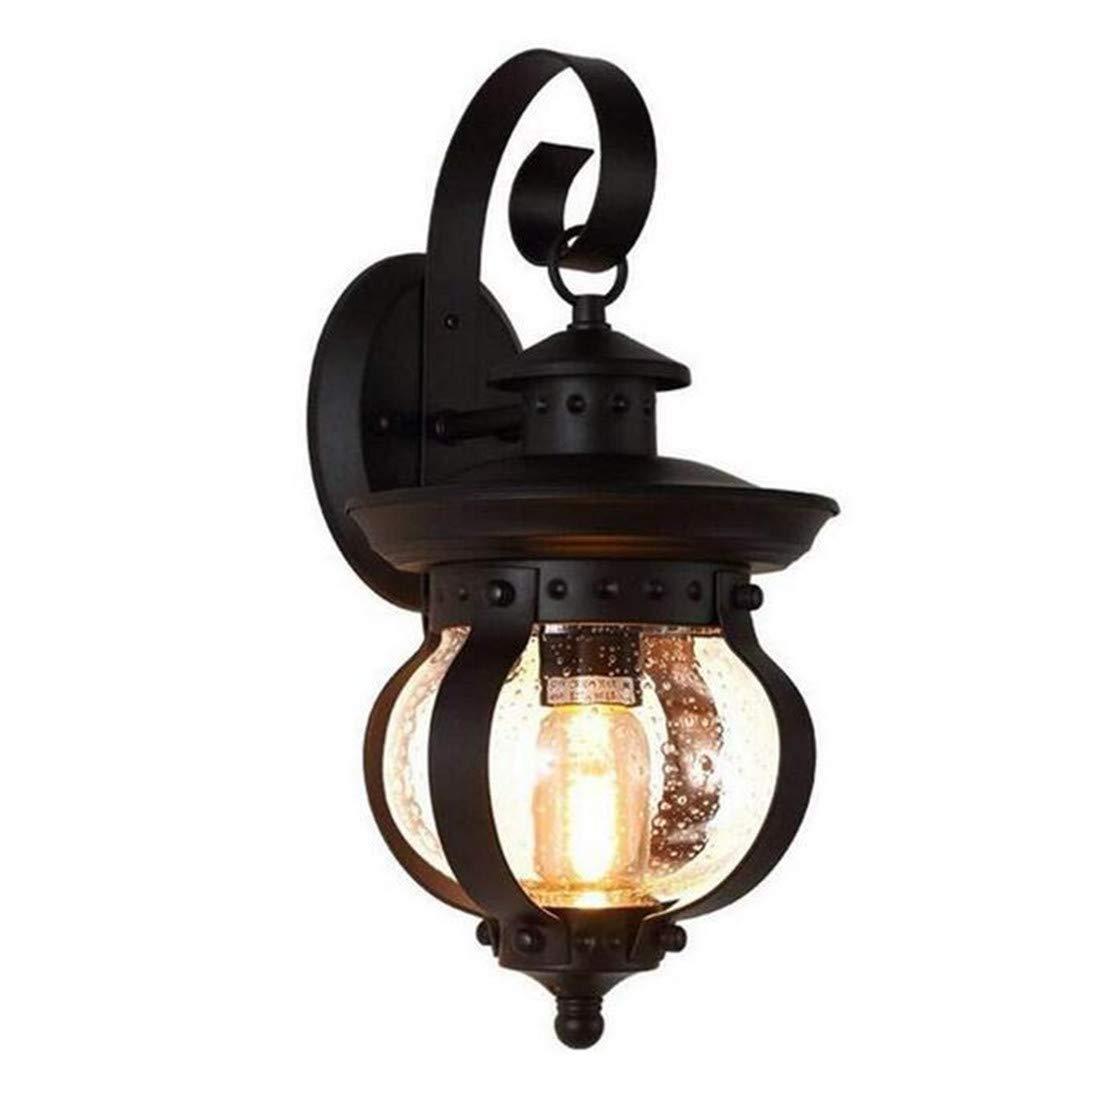 Vintage Chandelierlight Spotlight40Cm Außenwandleuchte Retro Kreative Einfachheit Balkon Garten Glas Leuchte